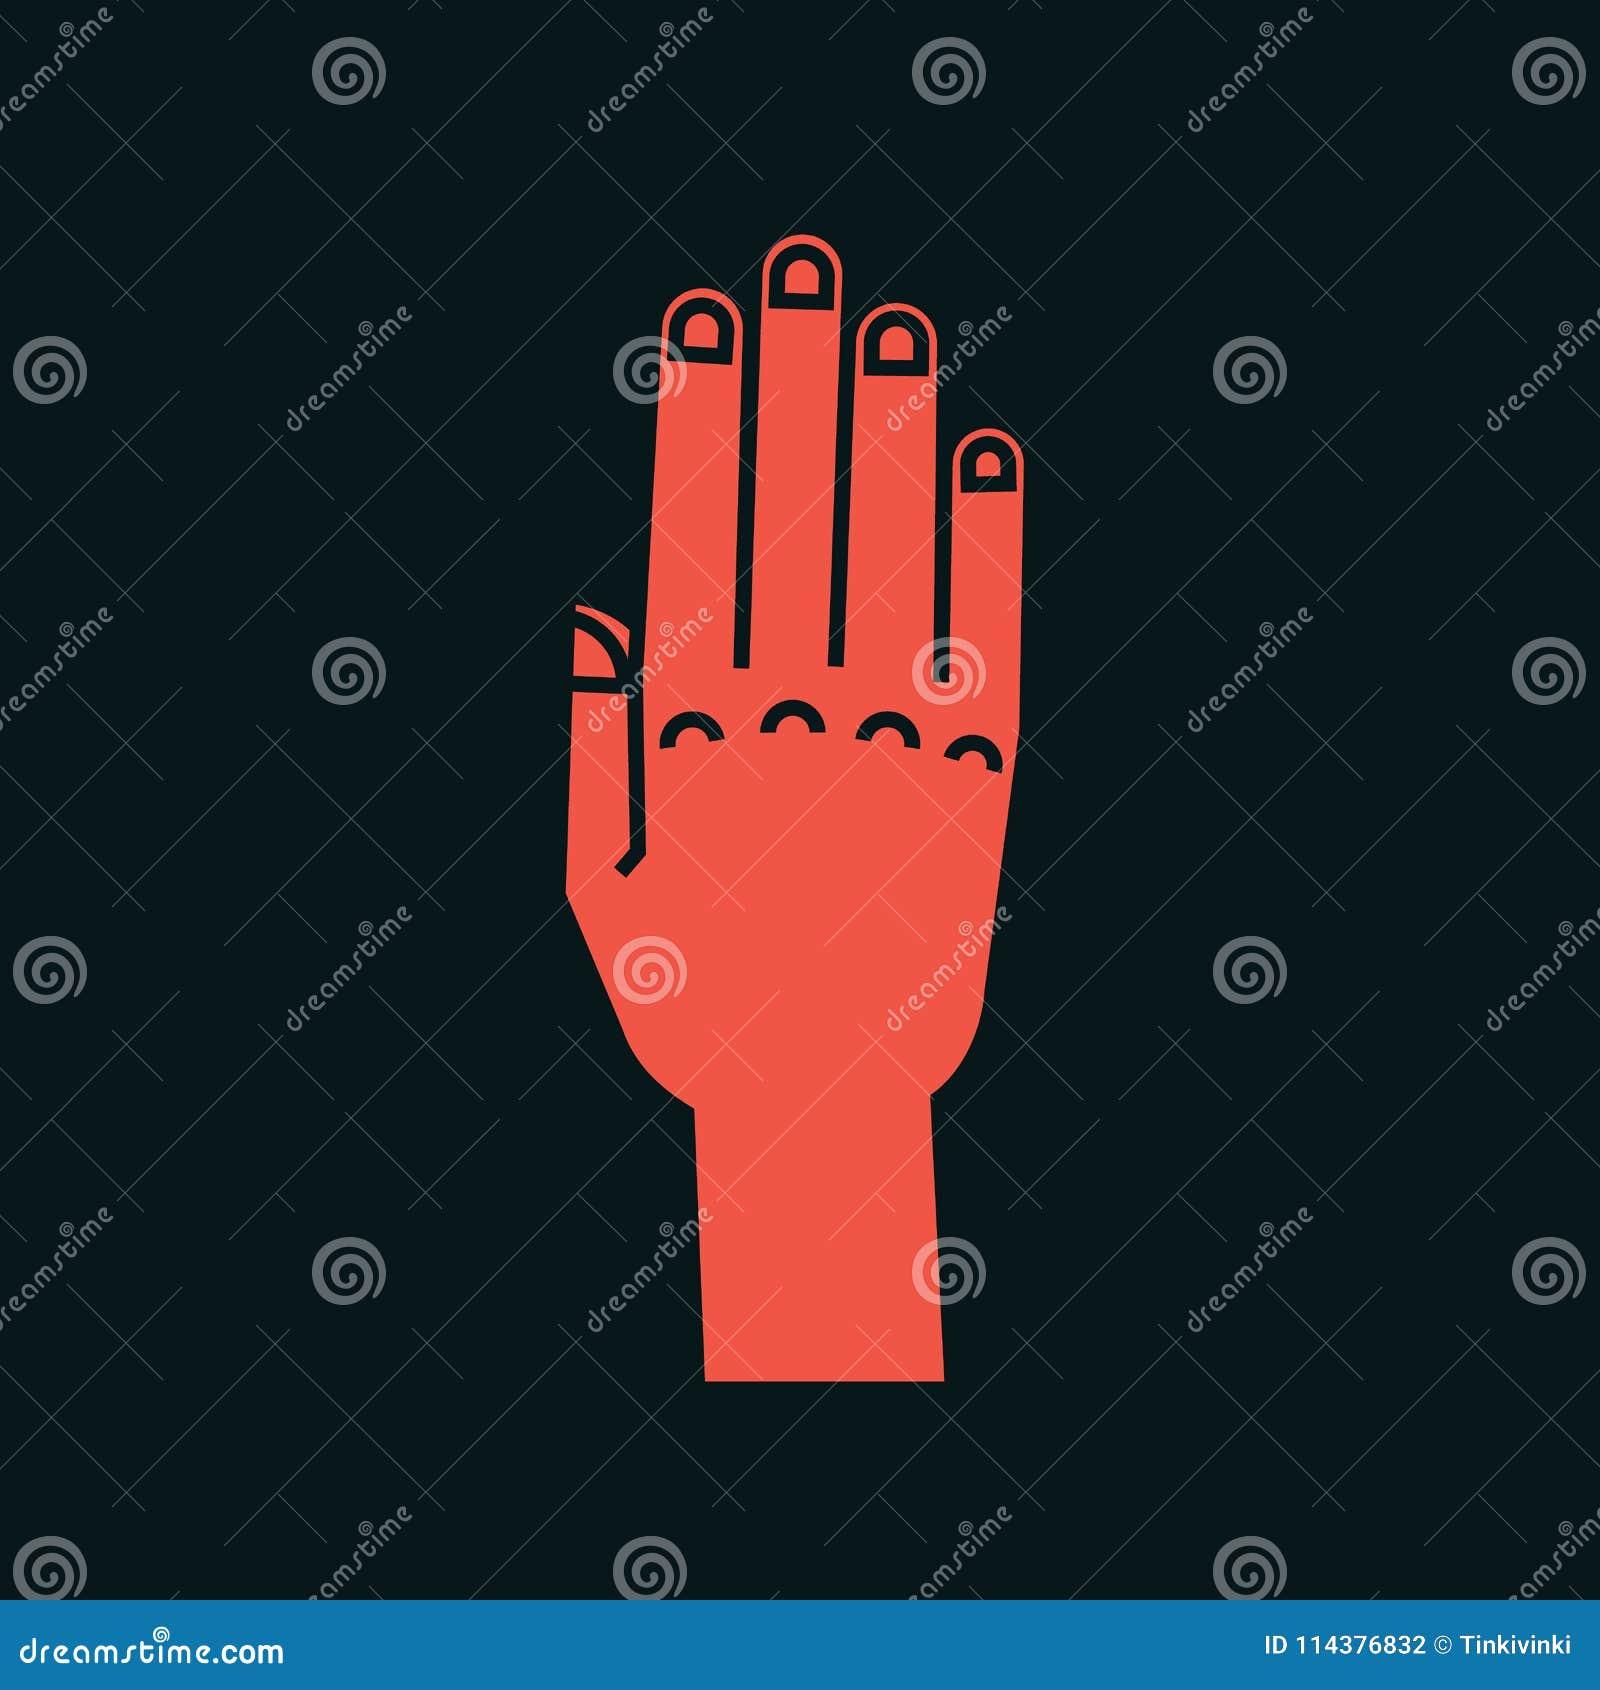 姿态 符号终止 有所有手指的风格化手上升并且连接了 向量 被攻击的 图标